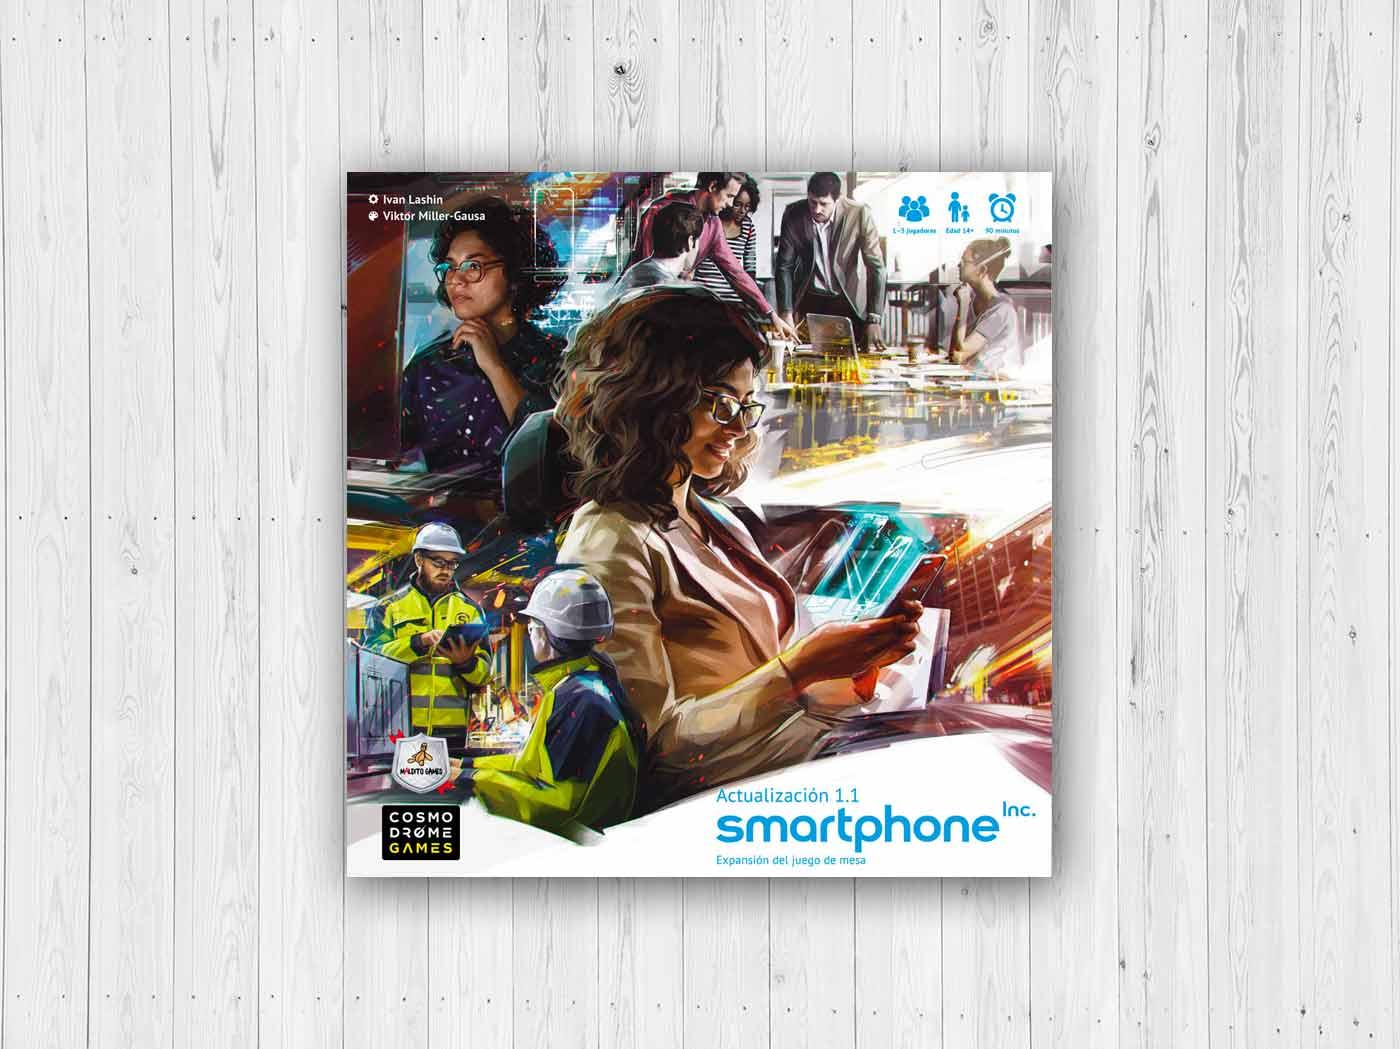 smartphone-inc-expansion-juego-mesa-resena-opiniones